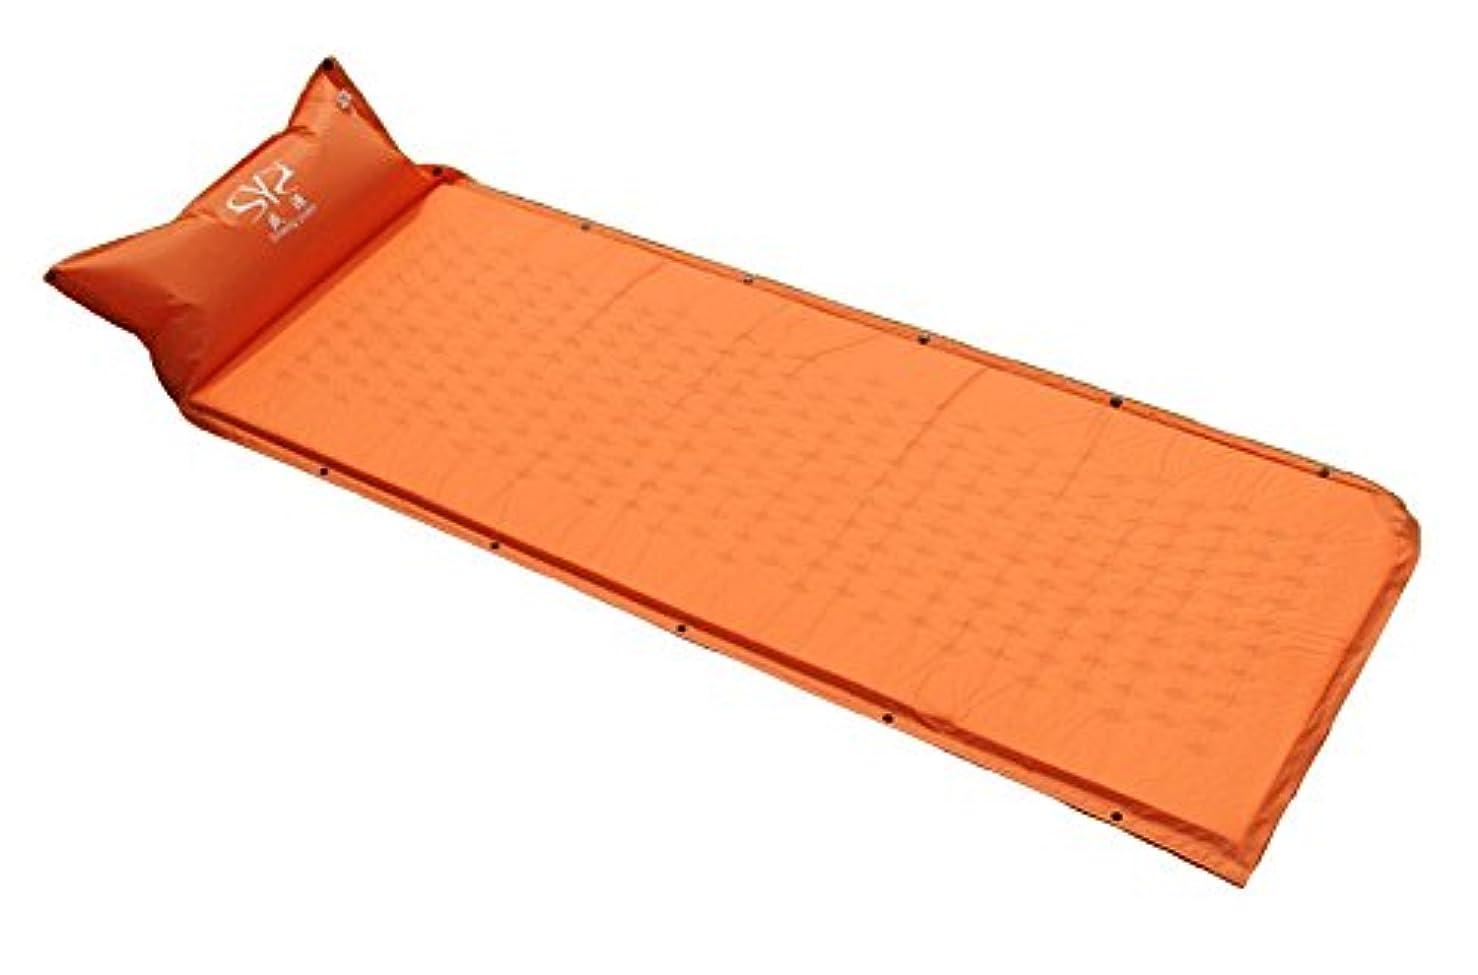 彼ら害人Sheng yuan テントマット エアマット 車中泊 キャンプ 190 * 65 * 3cm シングルサイズ コンパクト収納 自動膨張式 数枚連結可能 専用袋付き